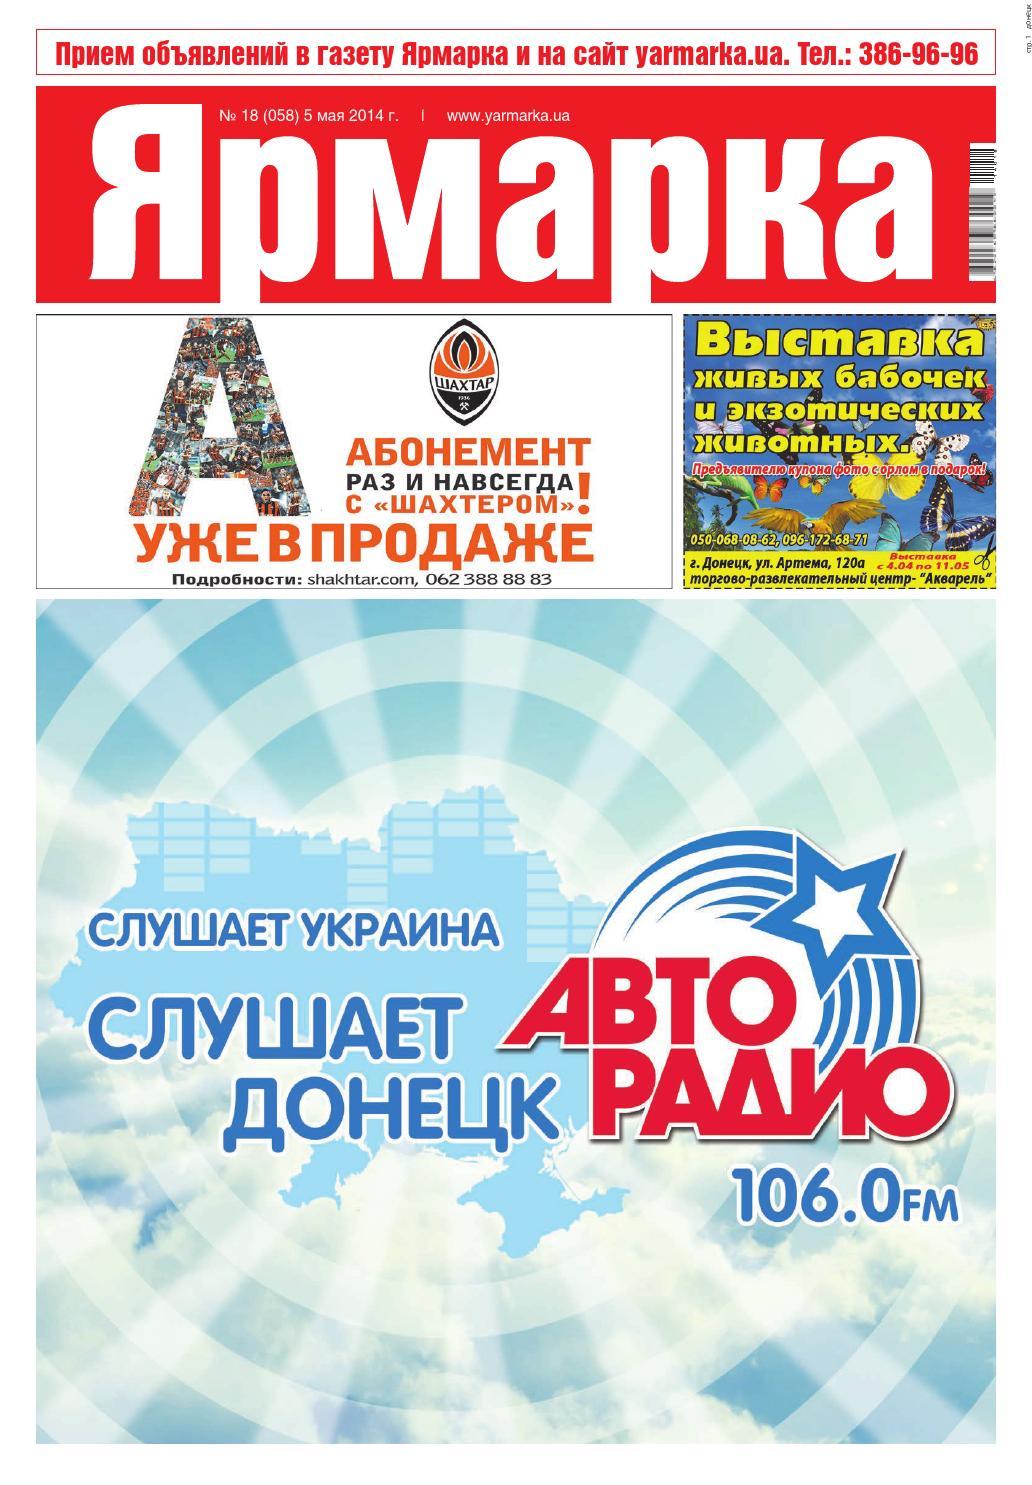 Калининграде ярмарка газета в знакомства